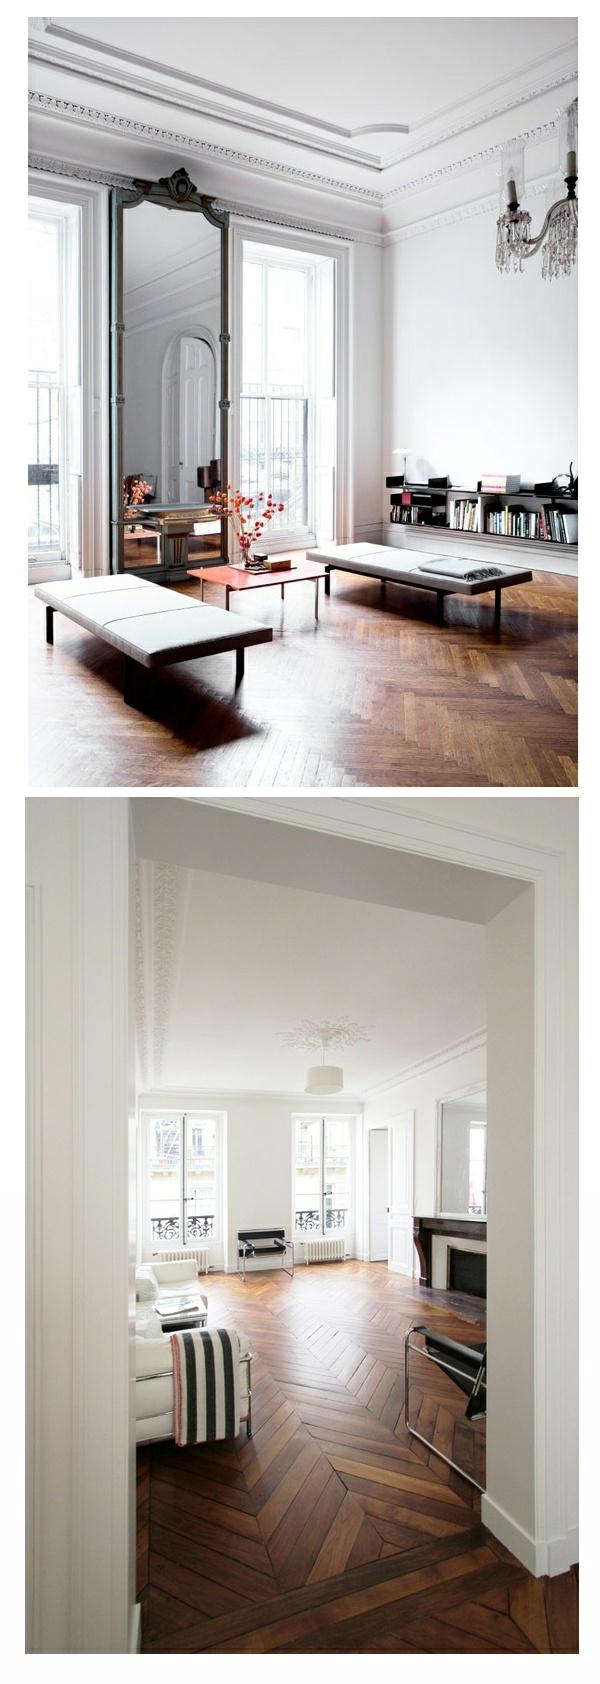 Interior-Design-Ideen-Bodenbelag-aus-Holz-Wohnzimmer